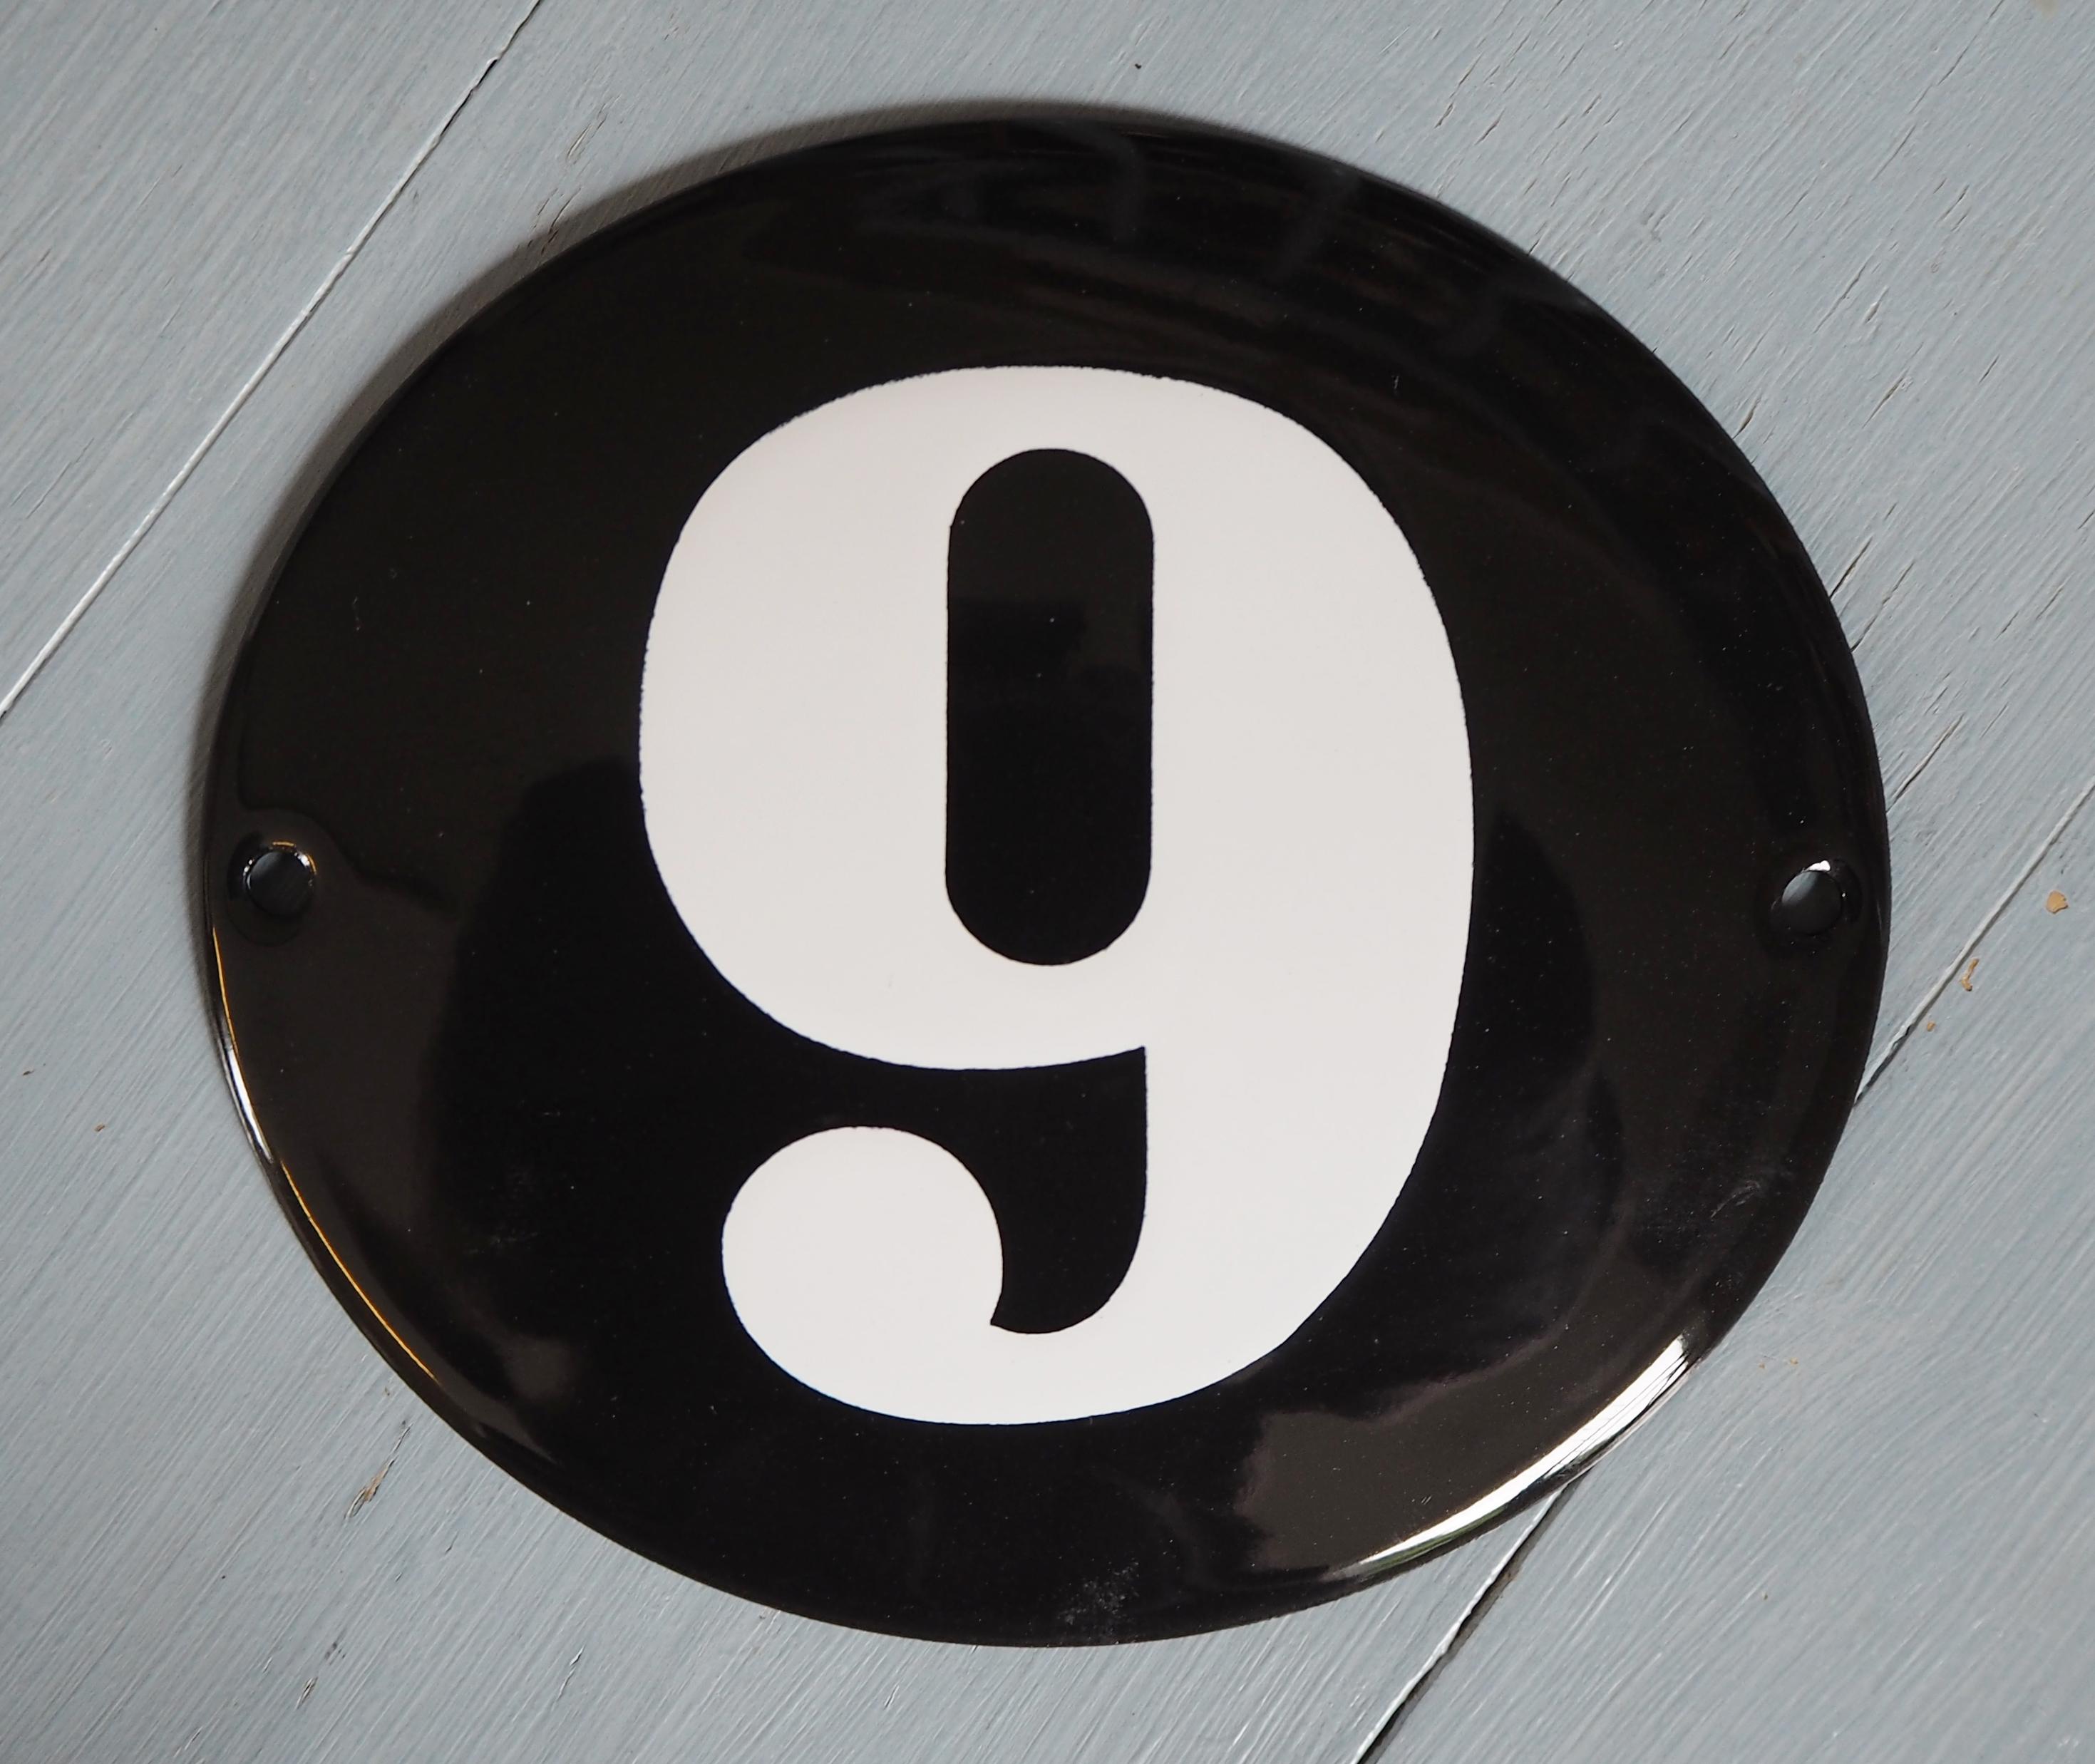 Emaljeskilt nr 6 eller 9